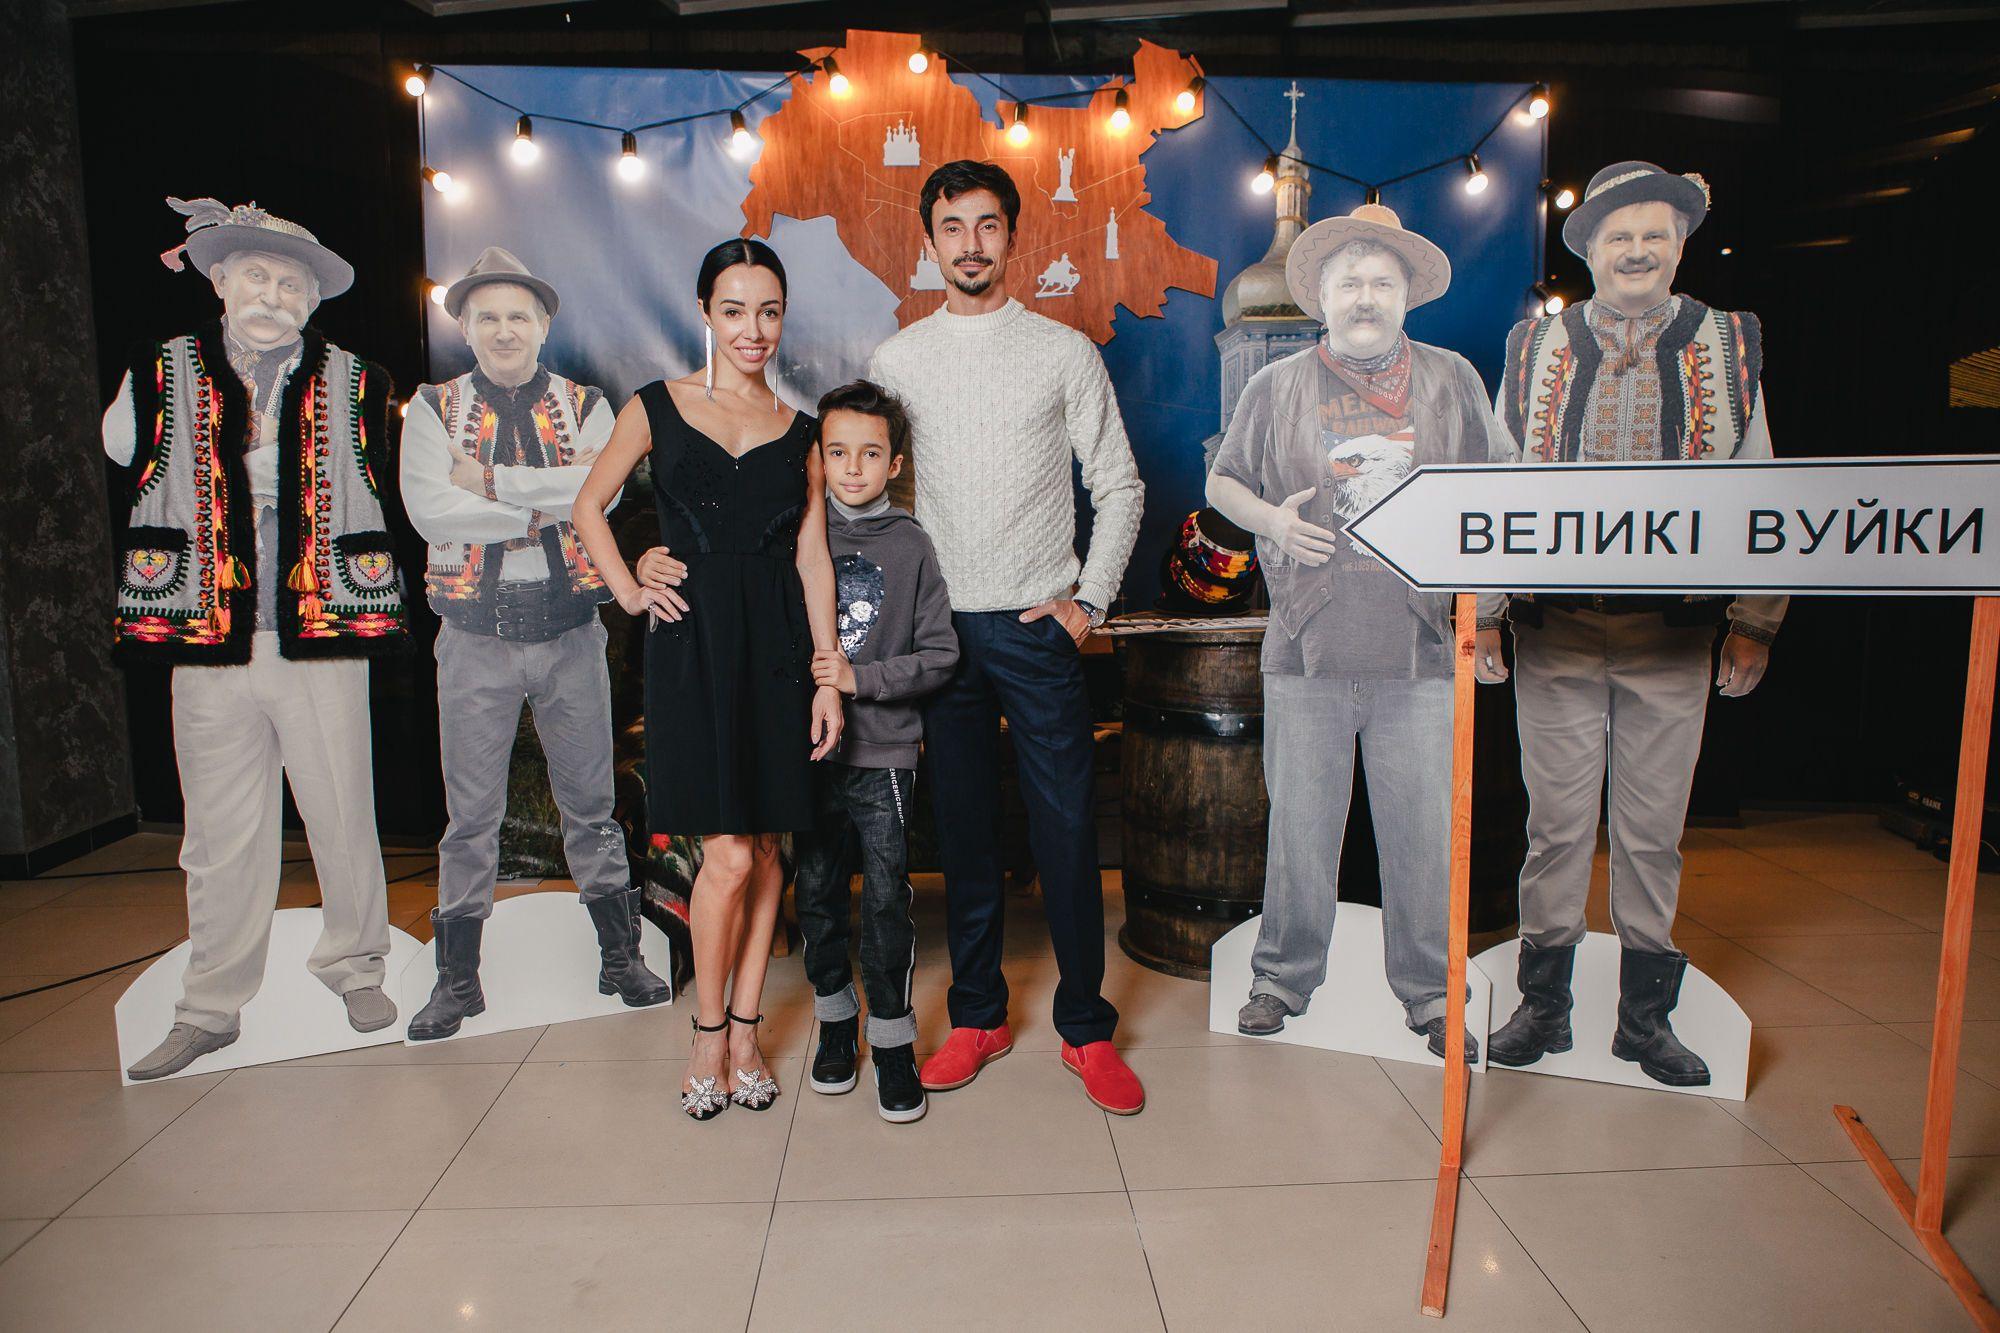 """Премьера сериала """"Великі Вуйки""""_5"""